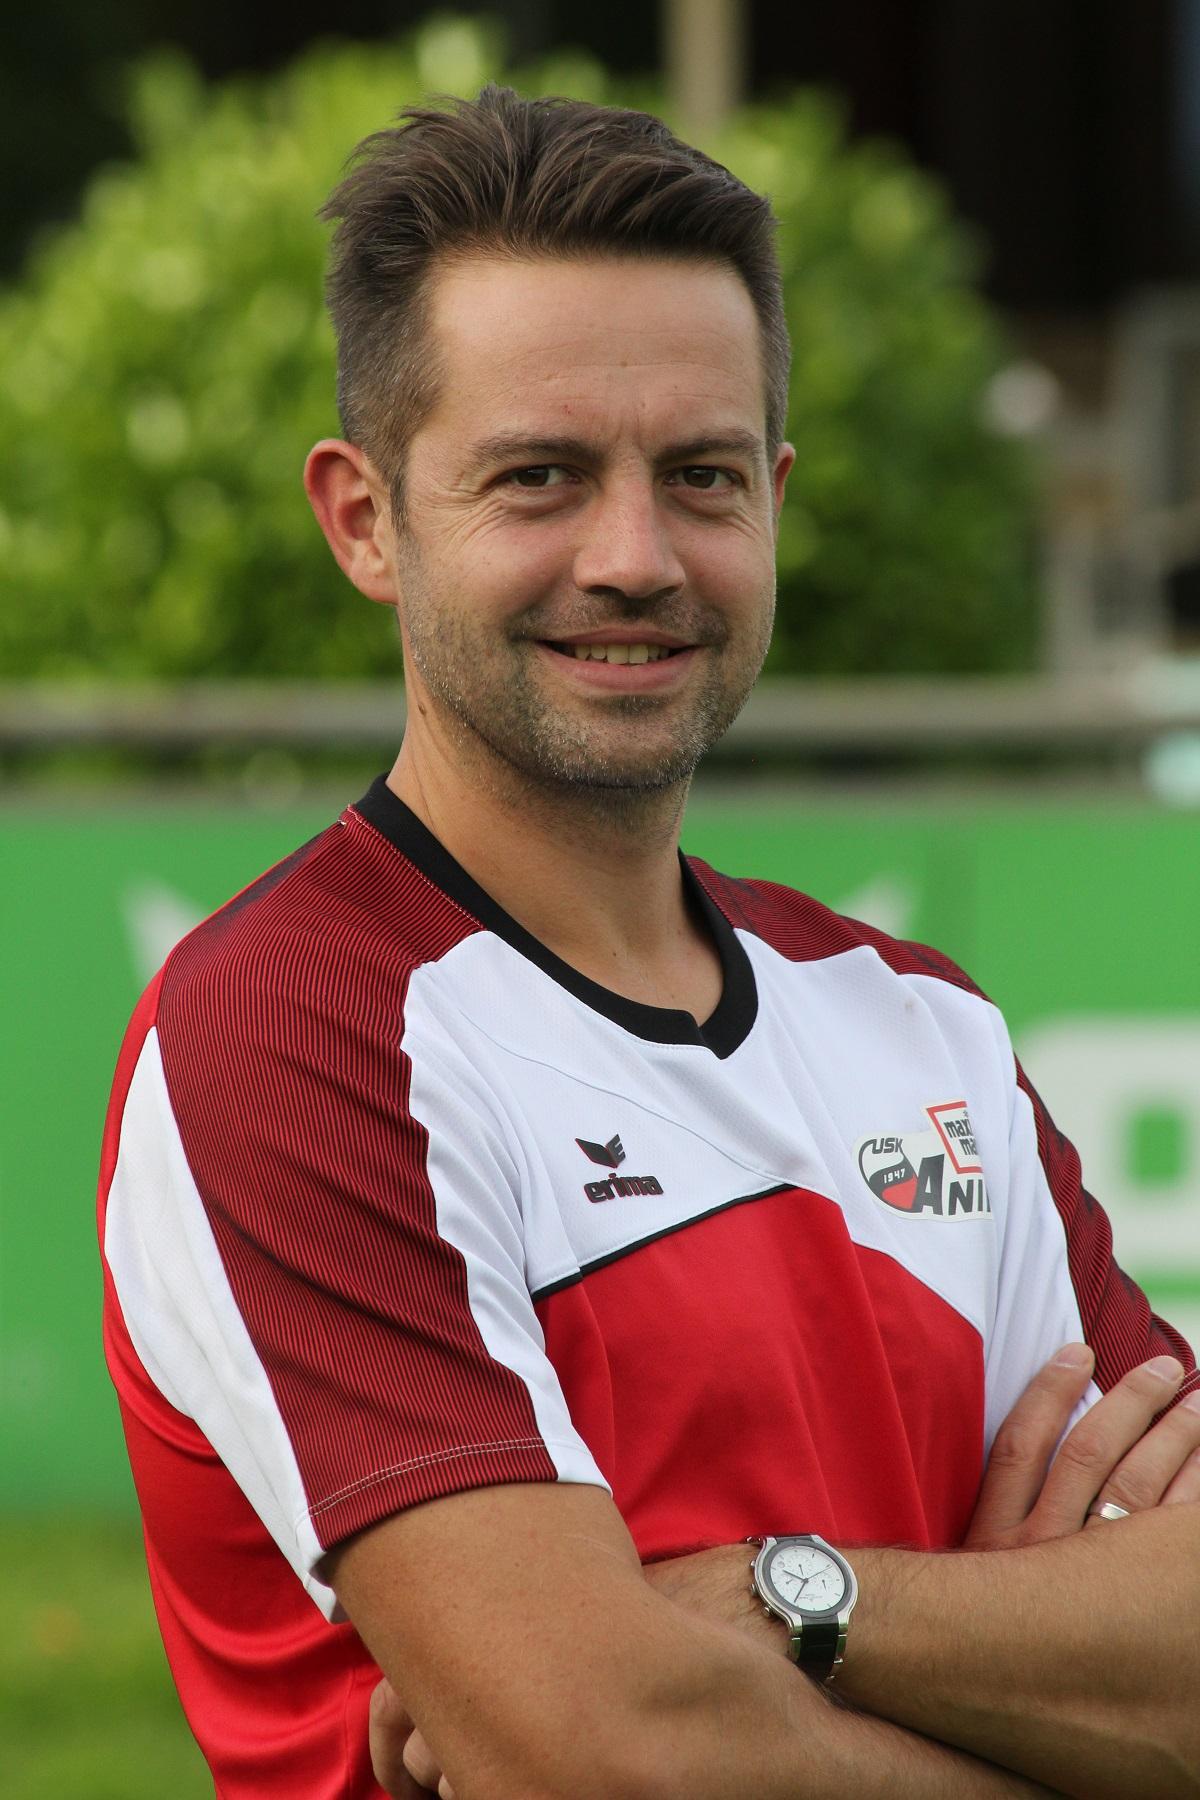 Robert Hirnsperger, USK-Anif